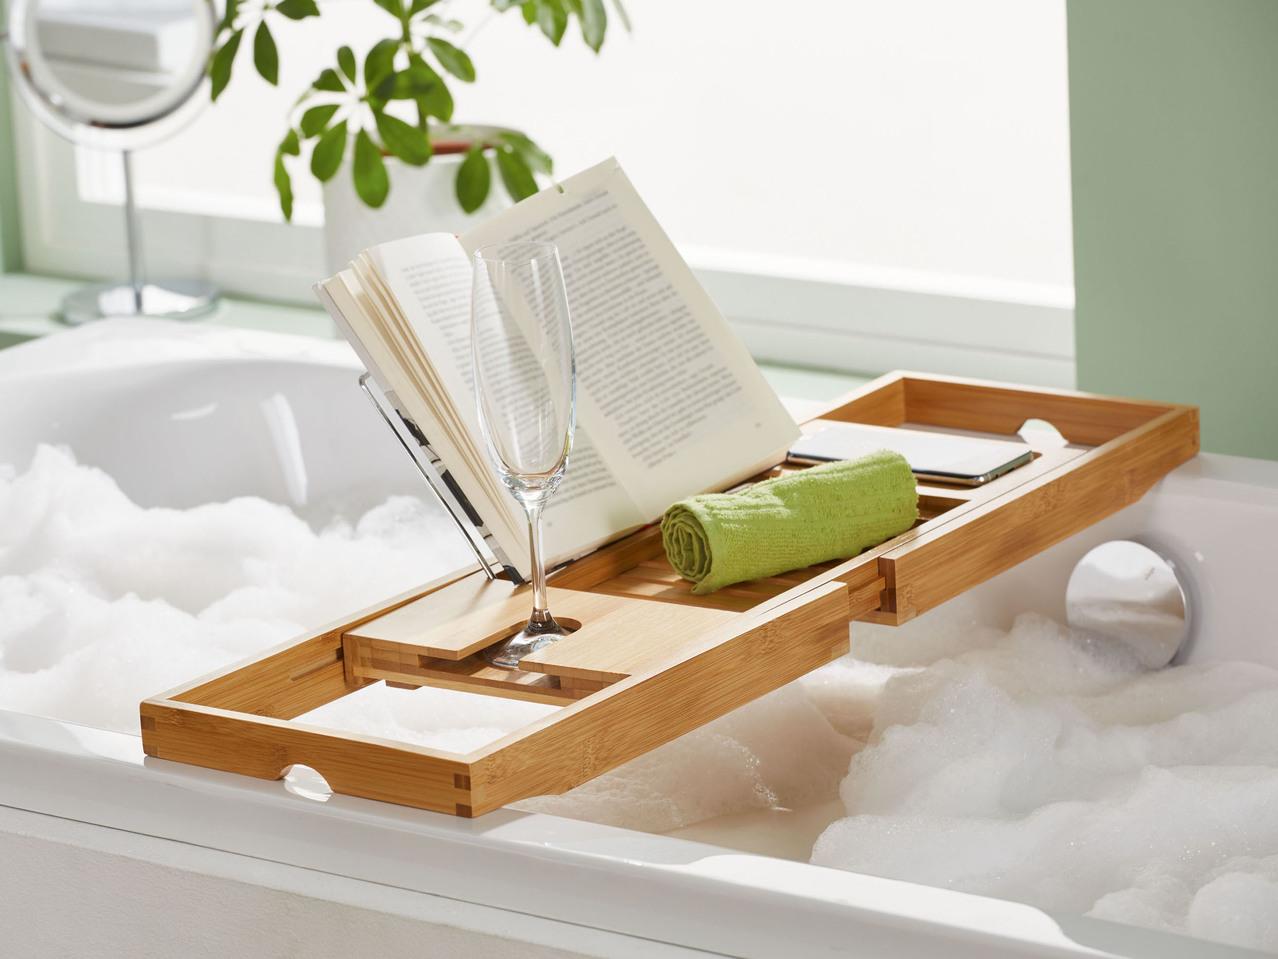 Vassoio Vasca Da Bagno : Vassoio allungabile per vasca da bagno lidl u italia archivio